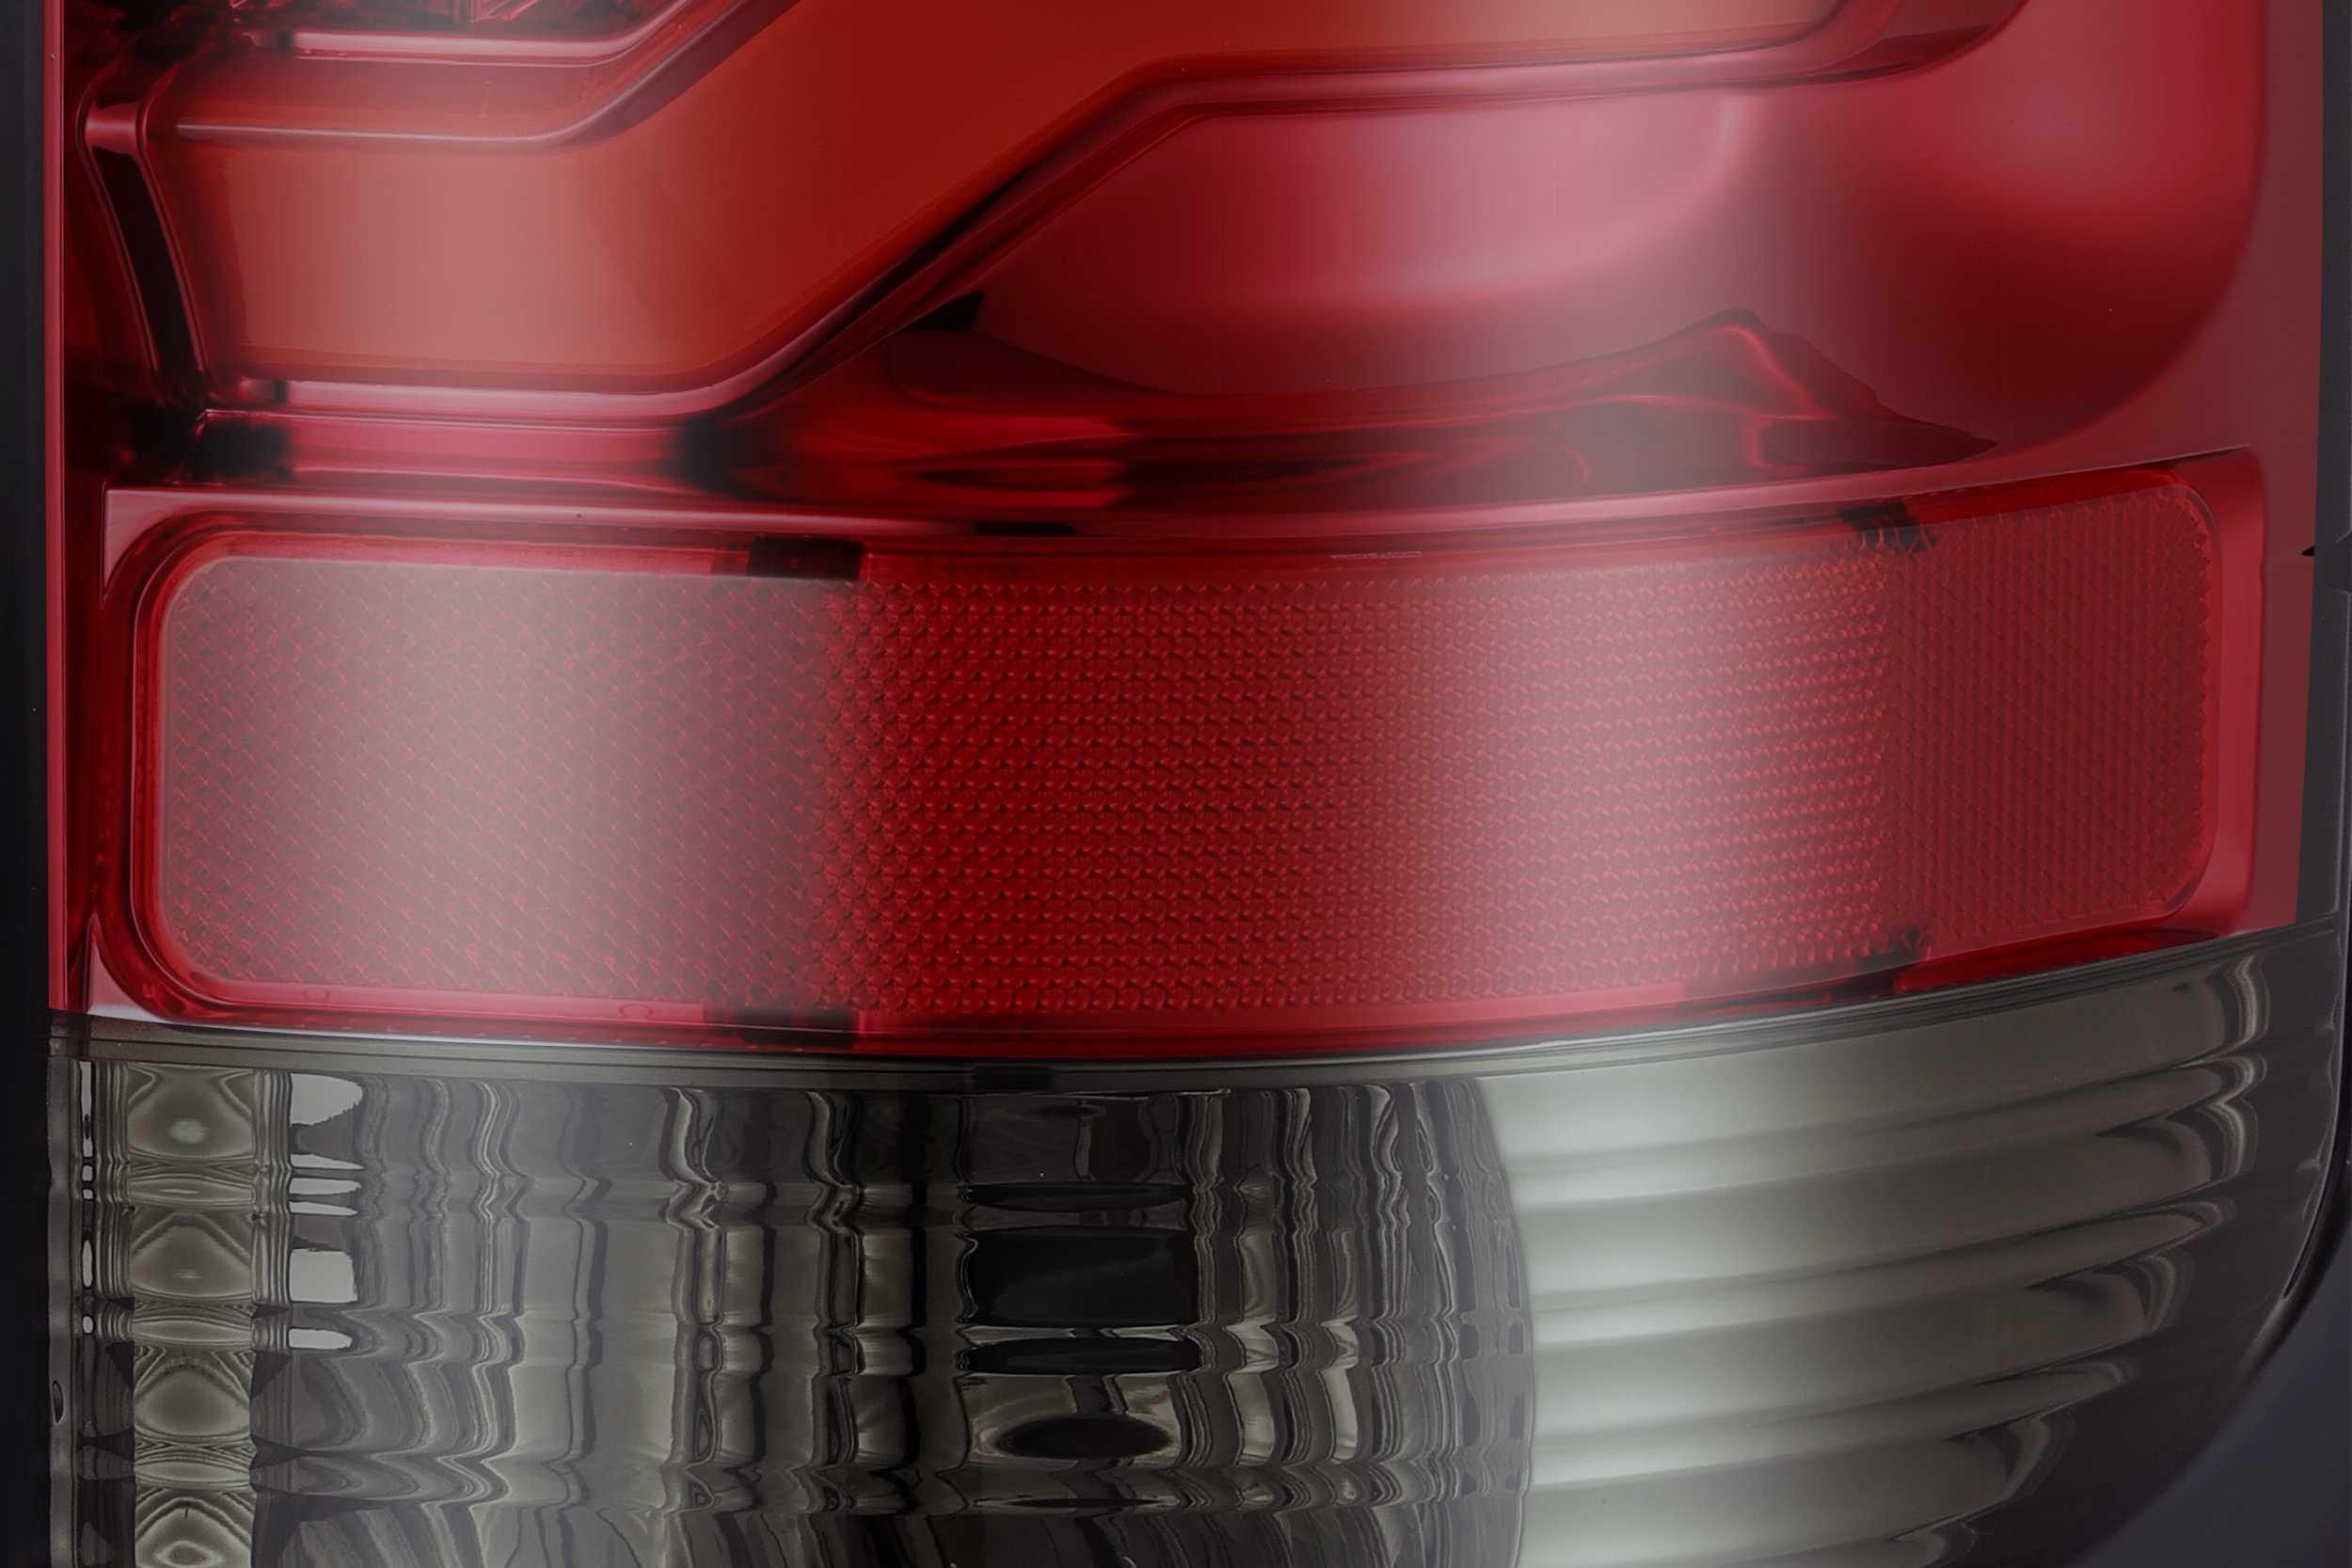 AlphaRex 630020 LED Tail Lights For 14-18 Sierra 1500